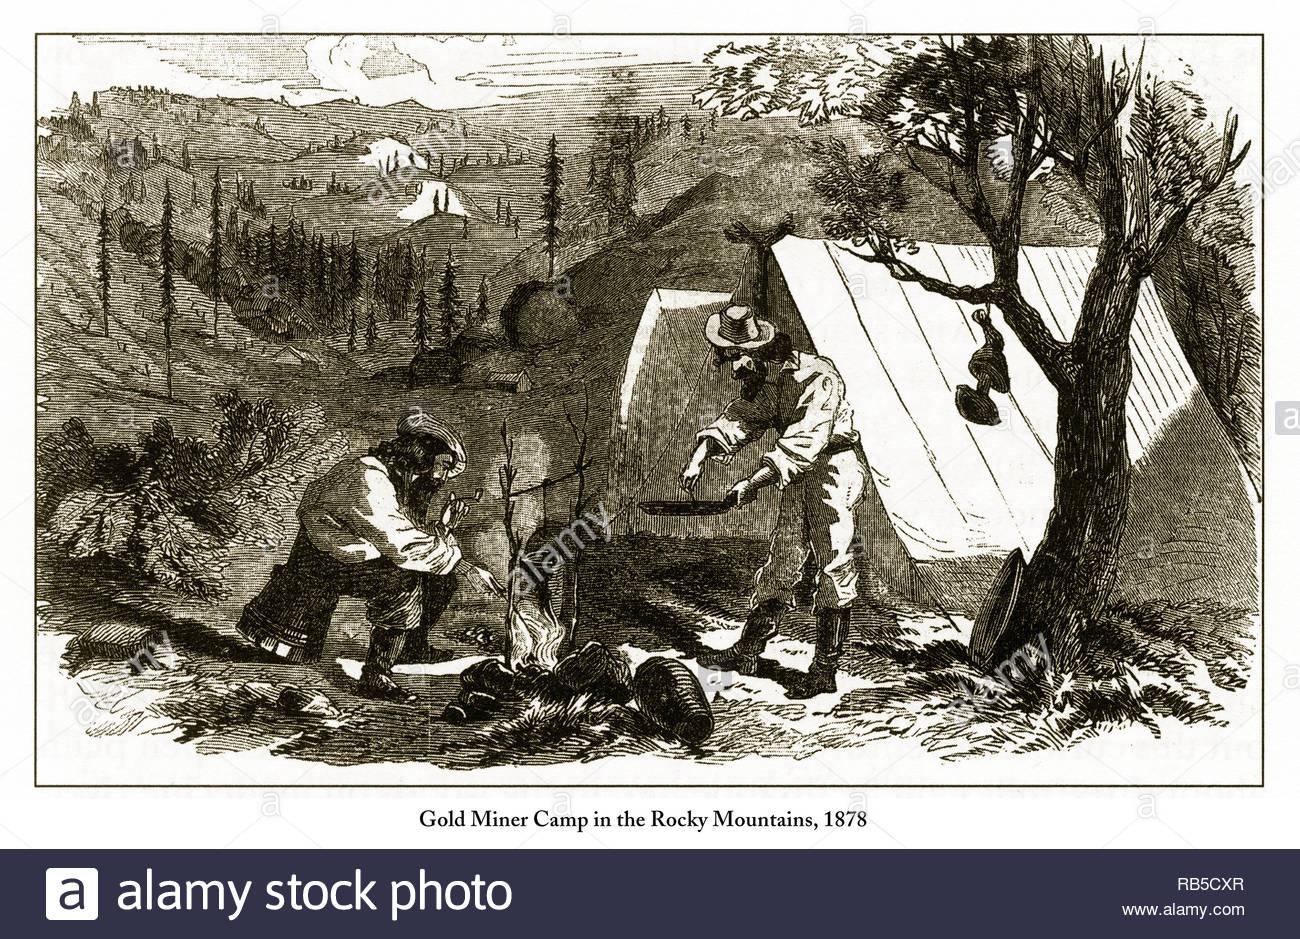 Camp De Mineur D'or Dans Les Montagnes Rocheuses, 1878 destiné Mineur D Or